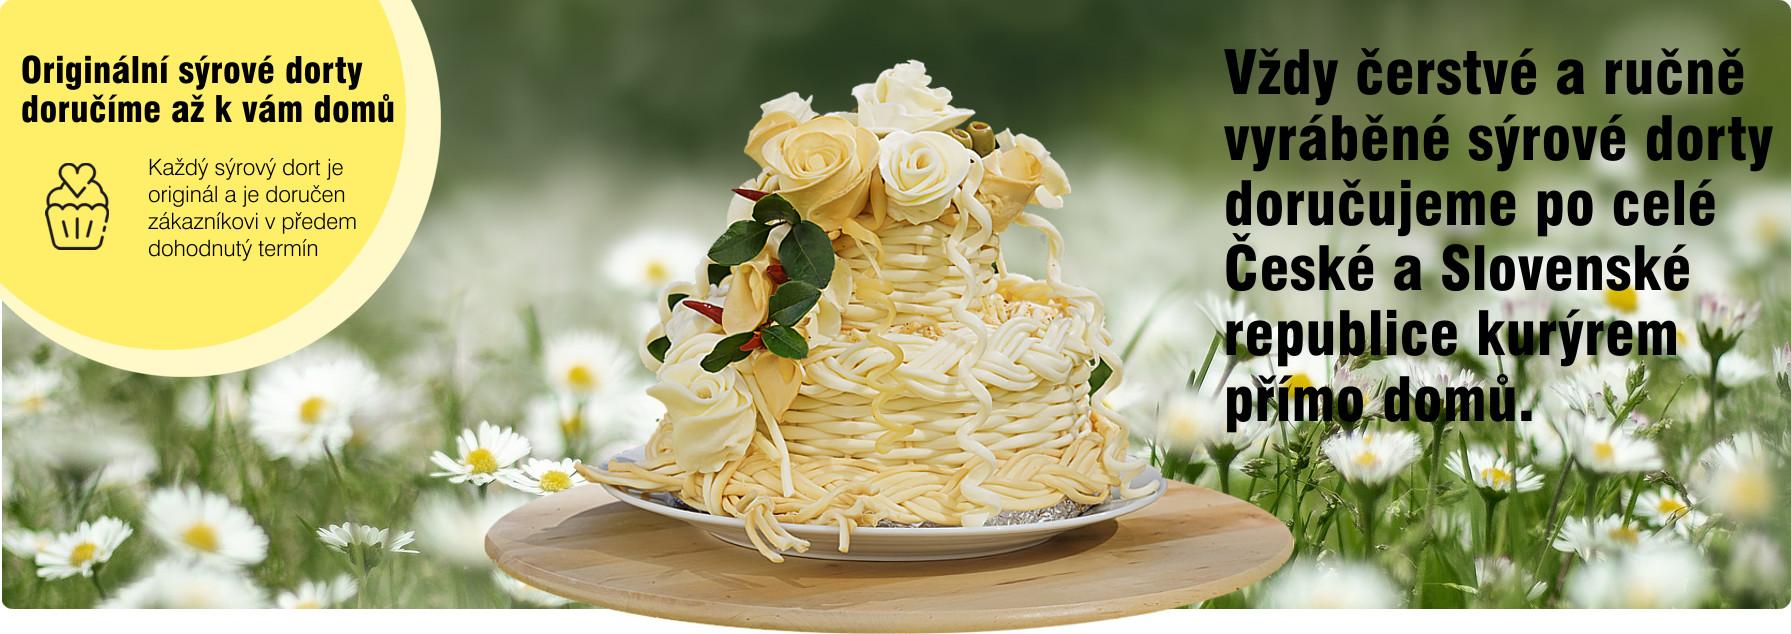 syrové dorty